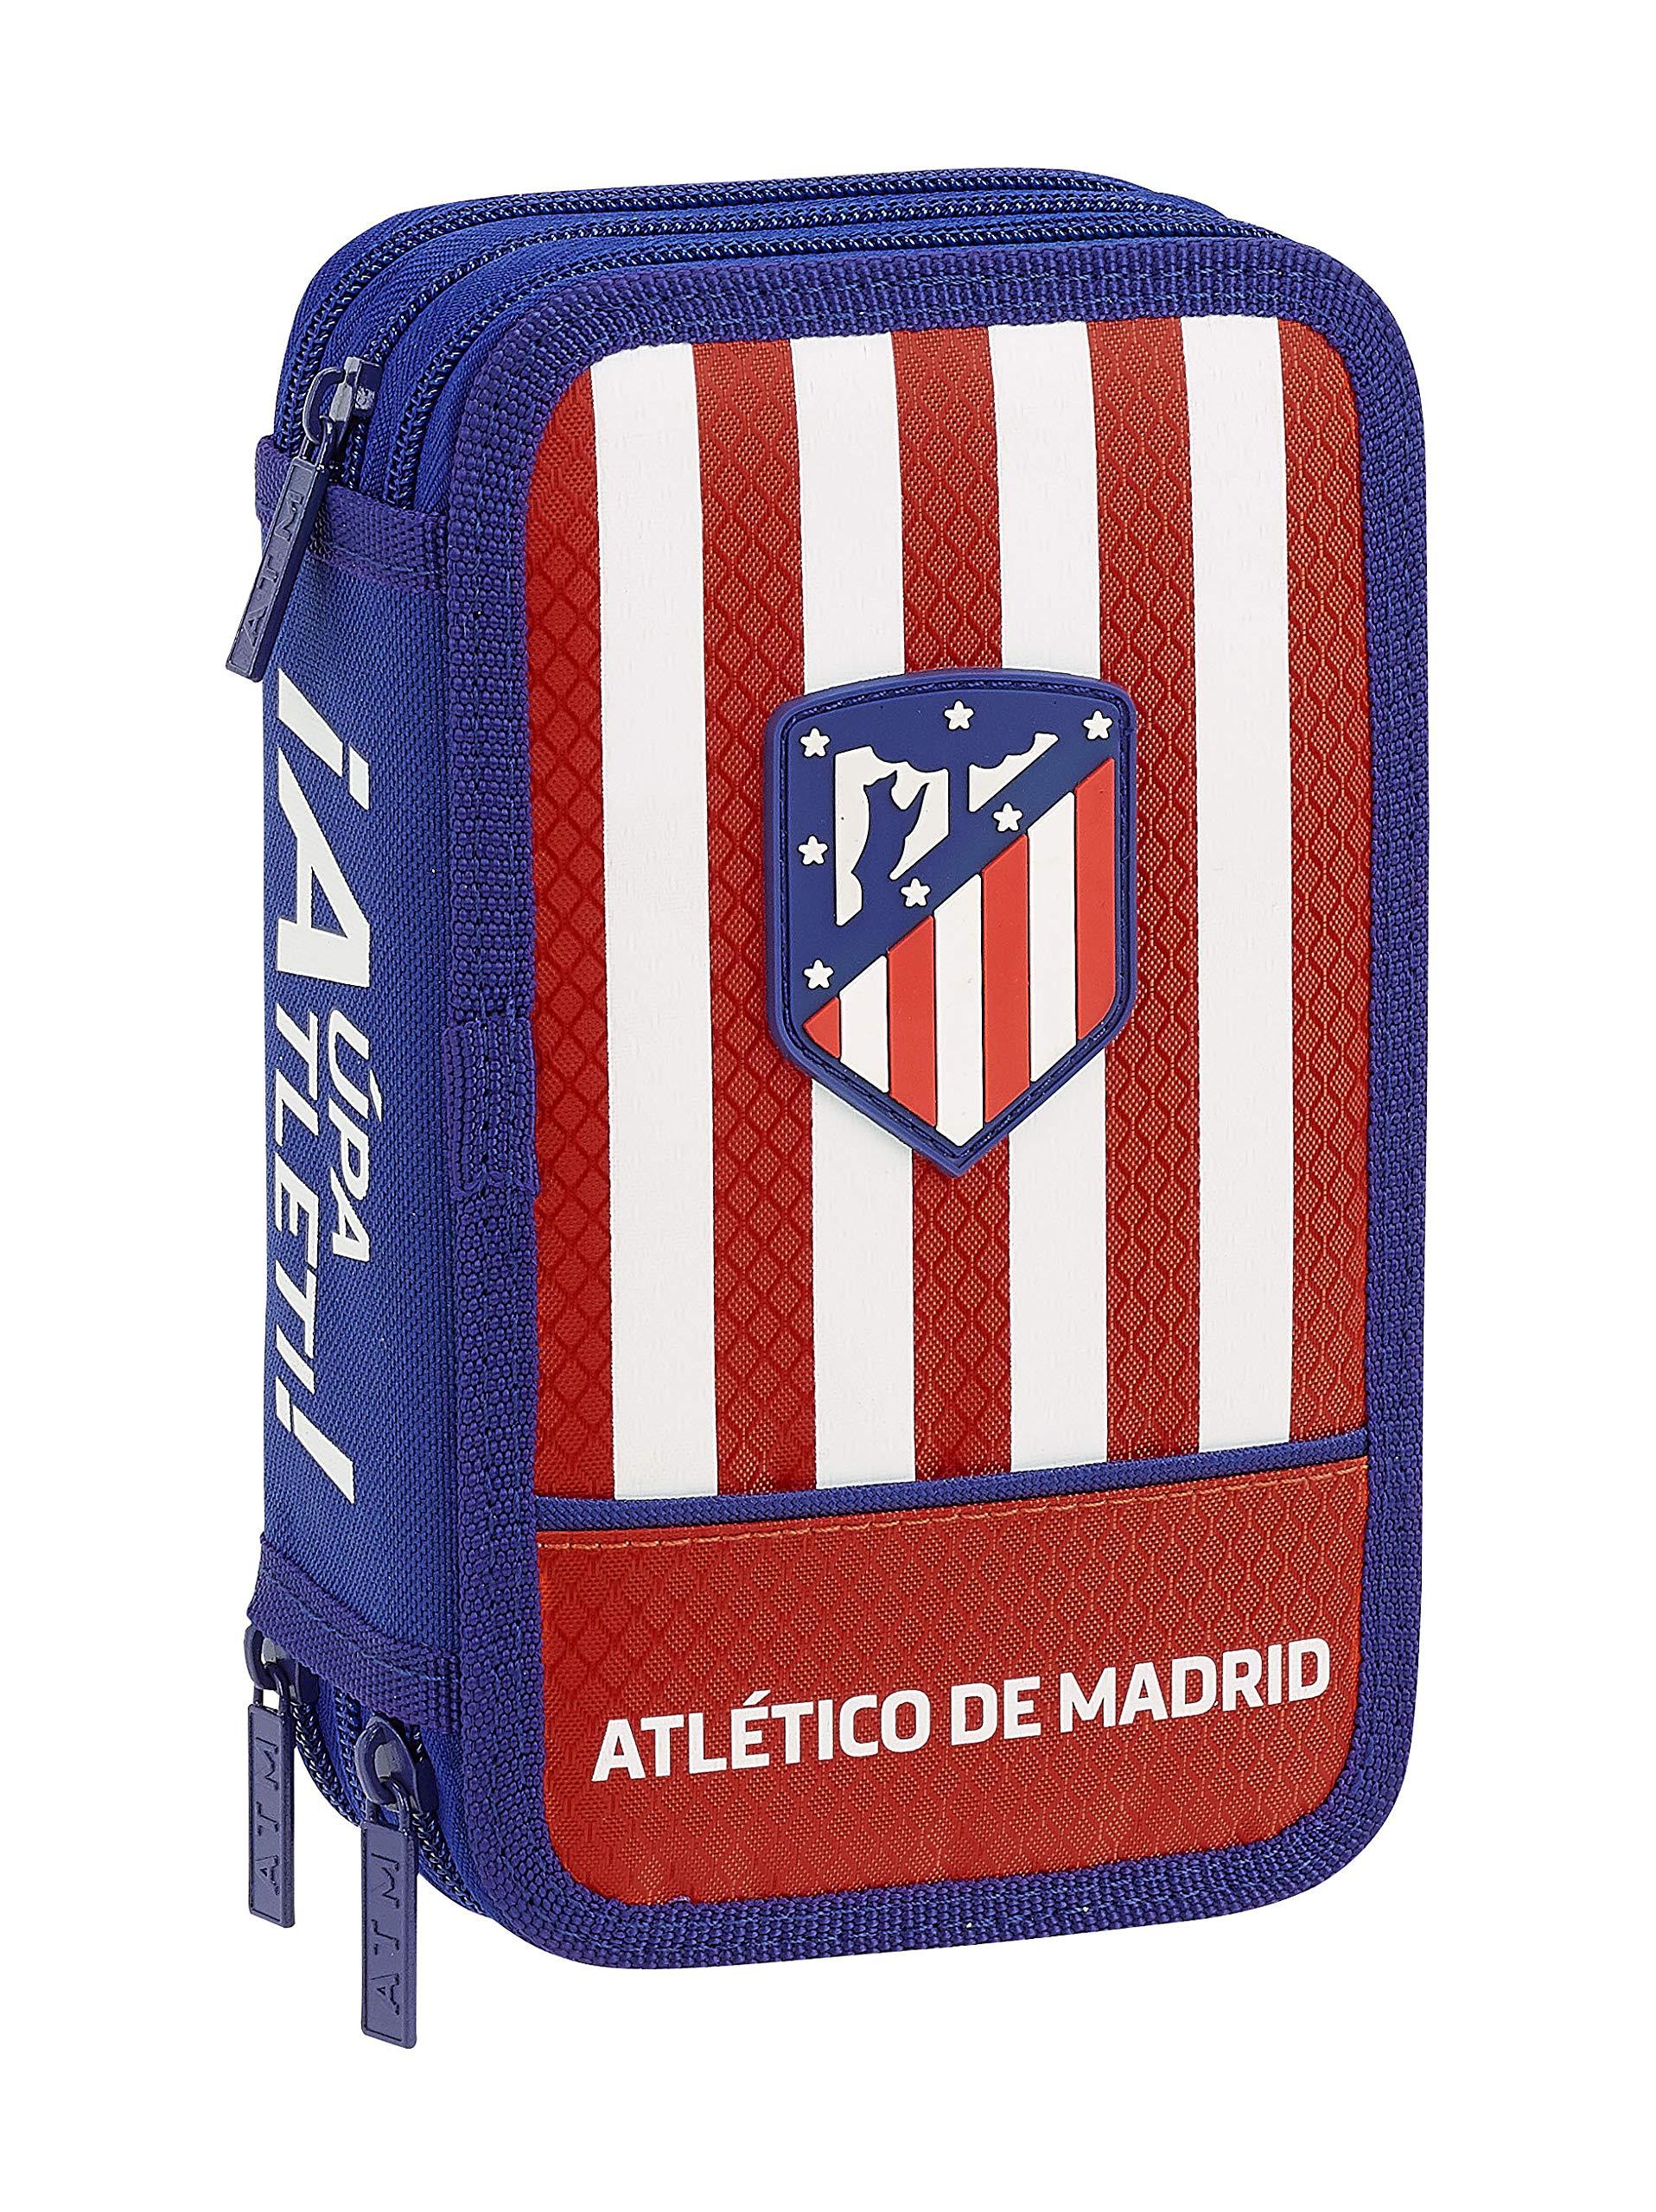 Atletico De Madrid 411845857 2018 Estuches, 20 cm, Rojo